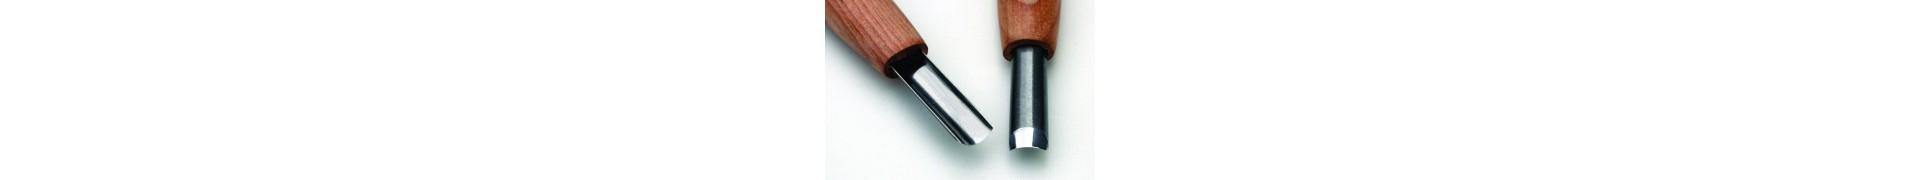 Papier du monde AMT Okawara select - feuille 51g/m² - F:52 x 43 cm - 4 bords frangés